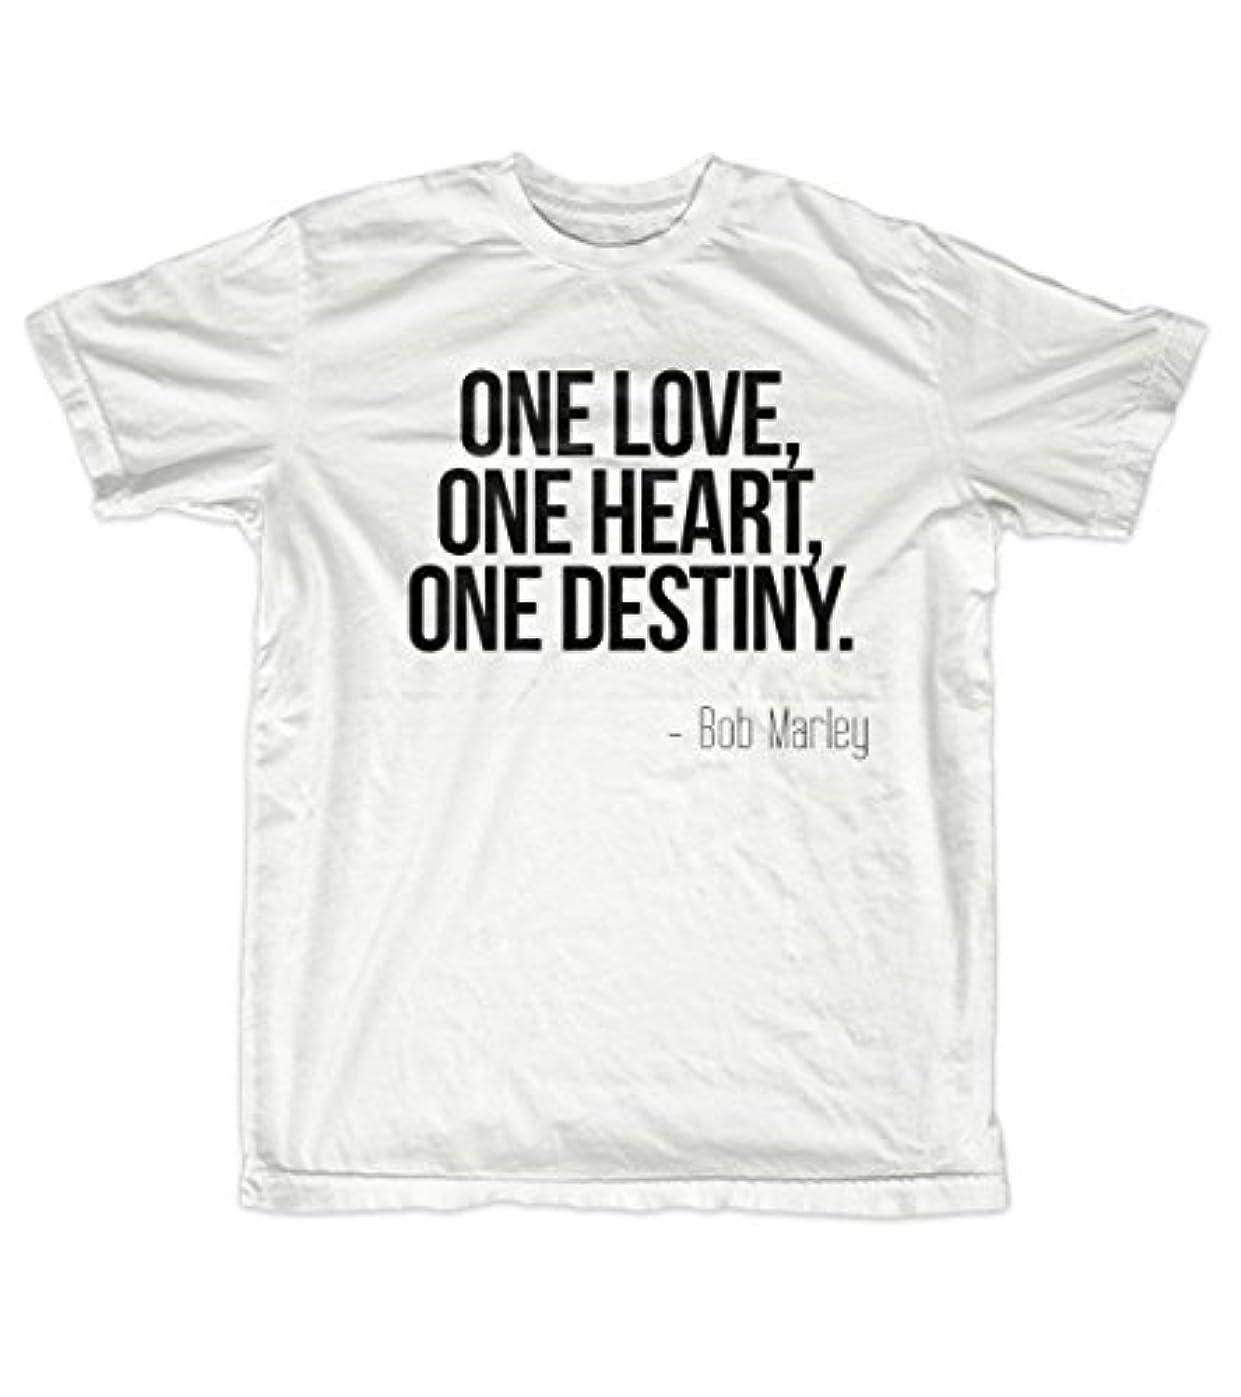 段階インフルエンザ悲劇的なOne Love One Heart One Destiny Bob Marley 引用する 男性用 Tシャツ